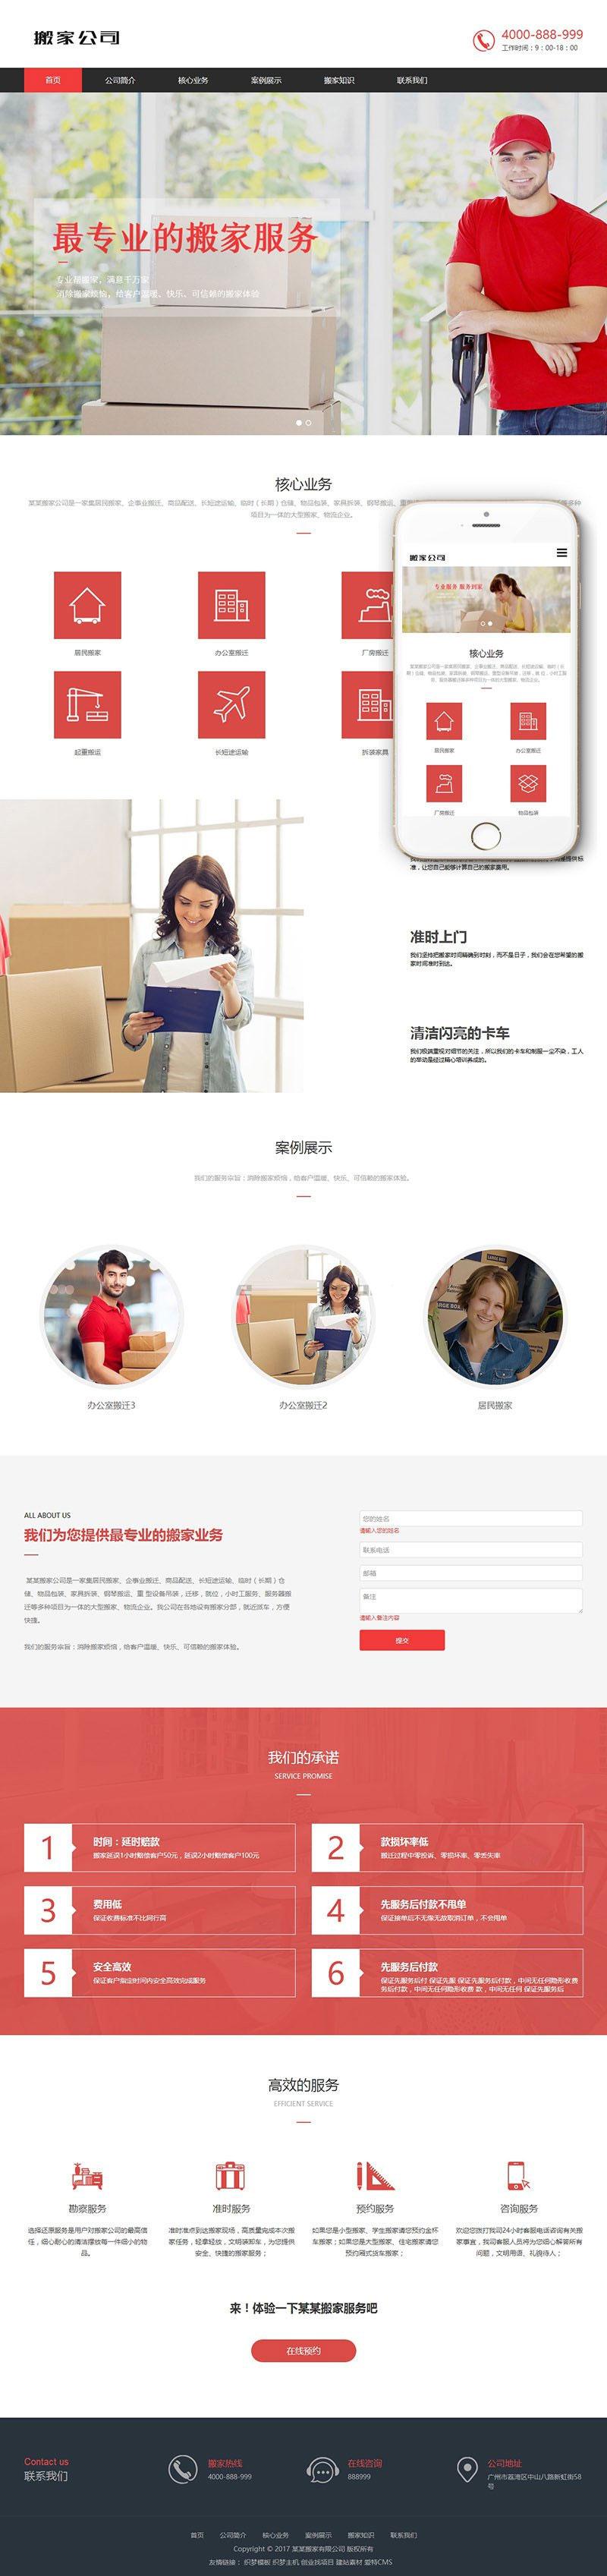 响应式搬家家政服务公司网站源码 织梦dedecms模板-律白资源博客